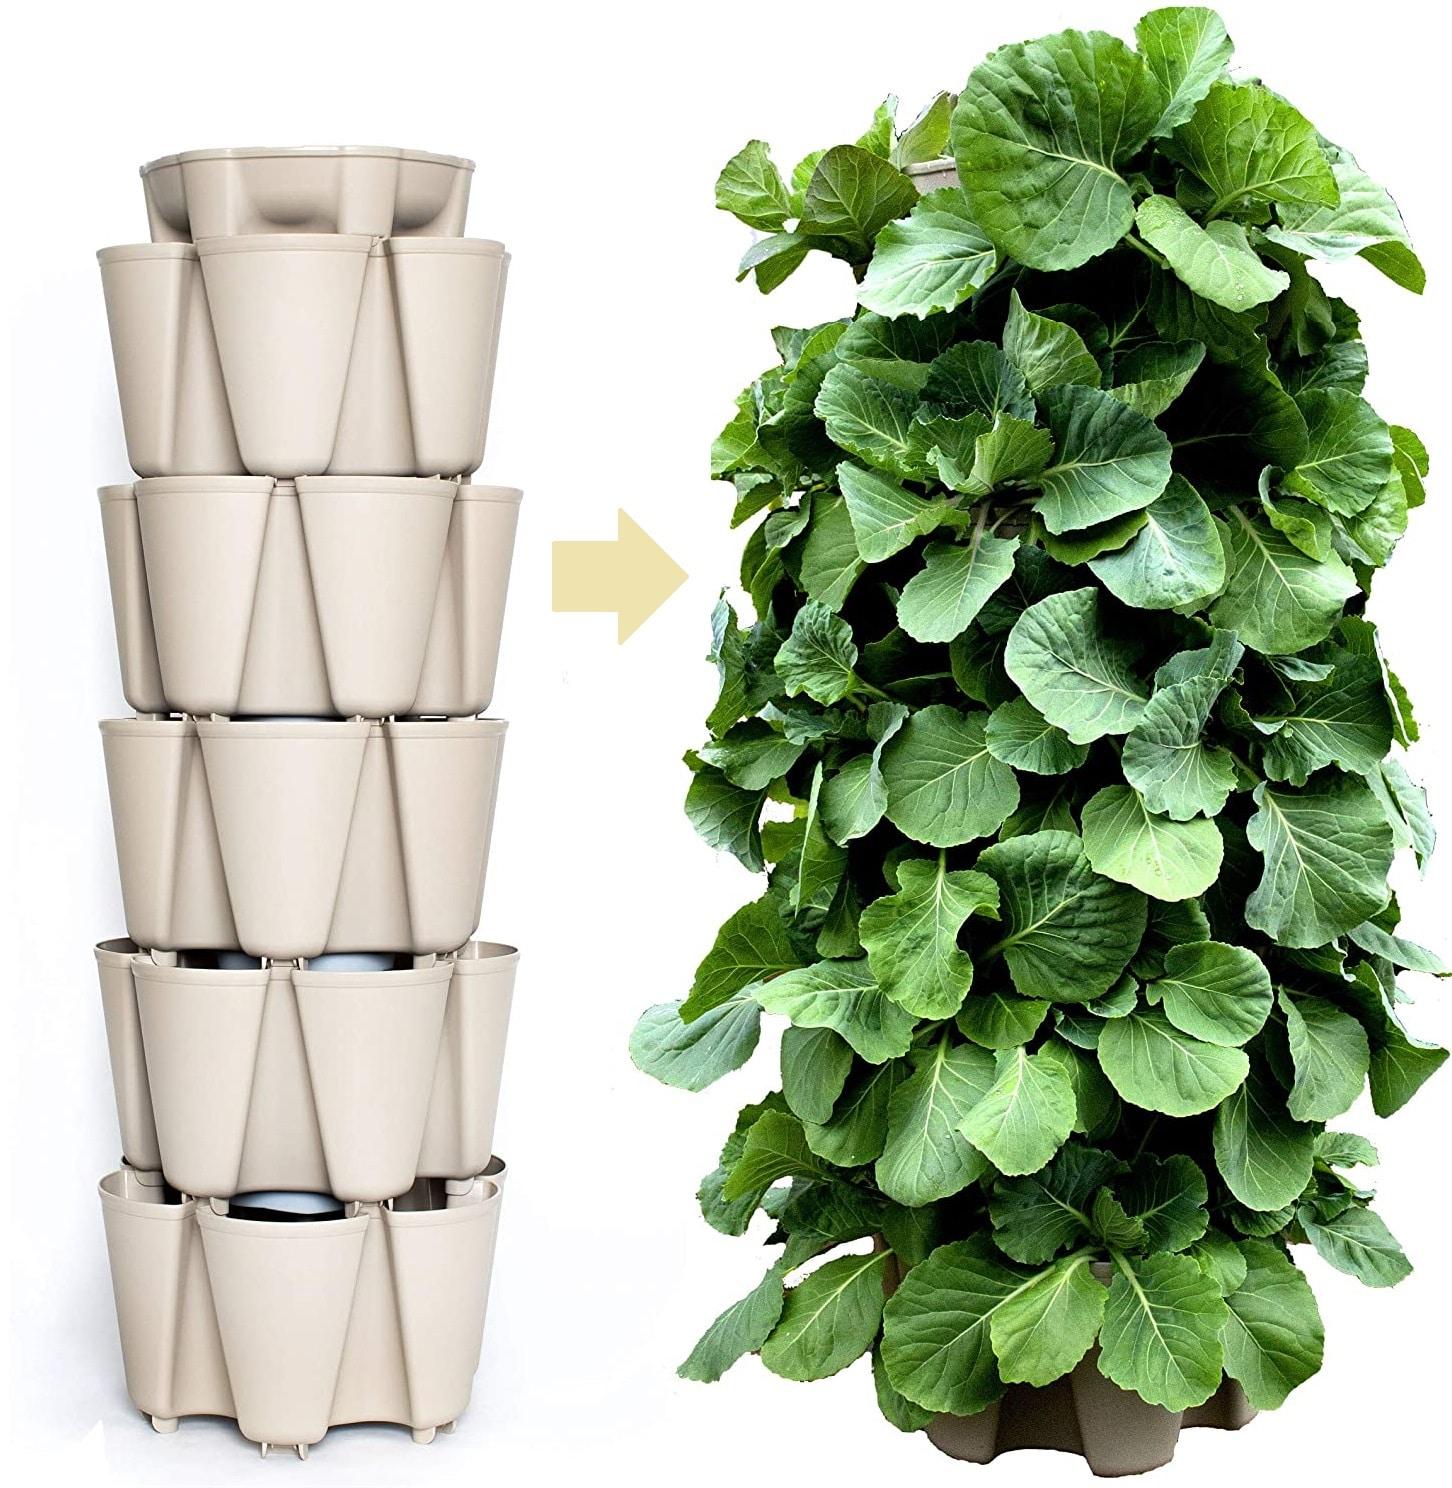 Greenstalk Patented Large 5 Tier Vertical Garden Planter – Best Hydroponic Garden Tower